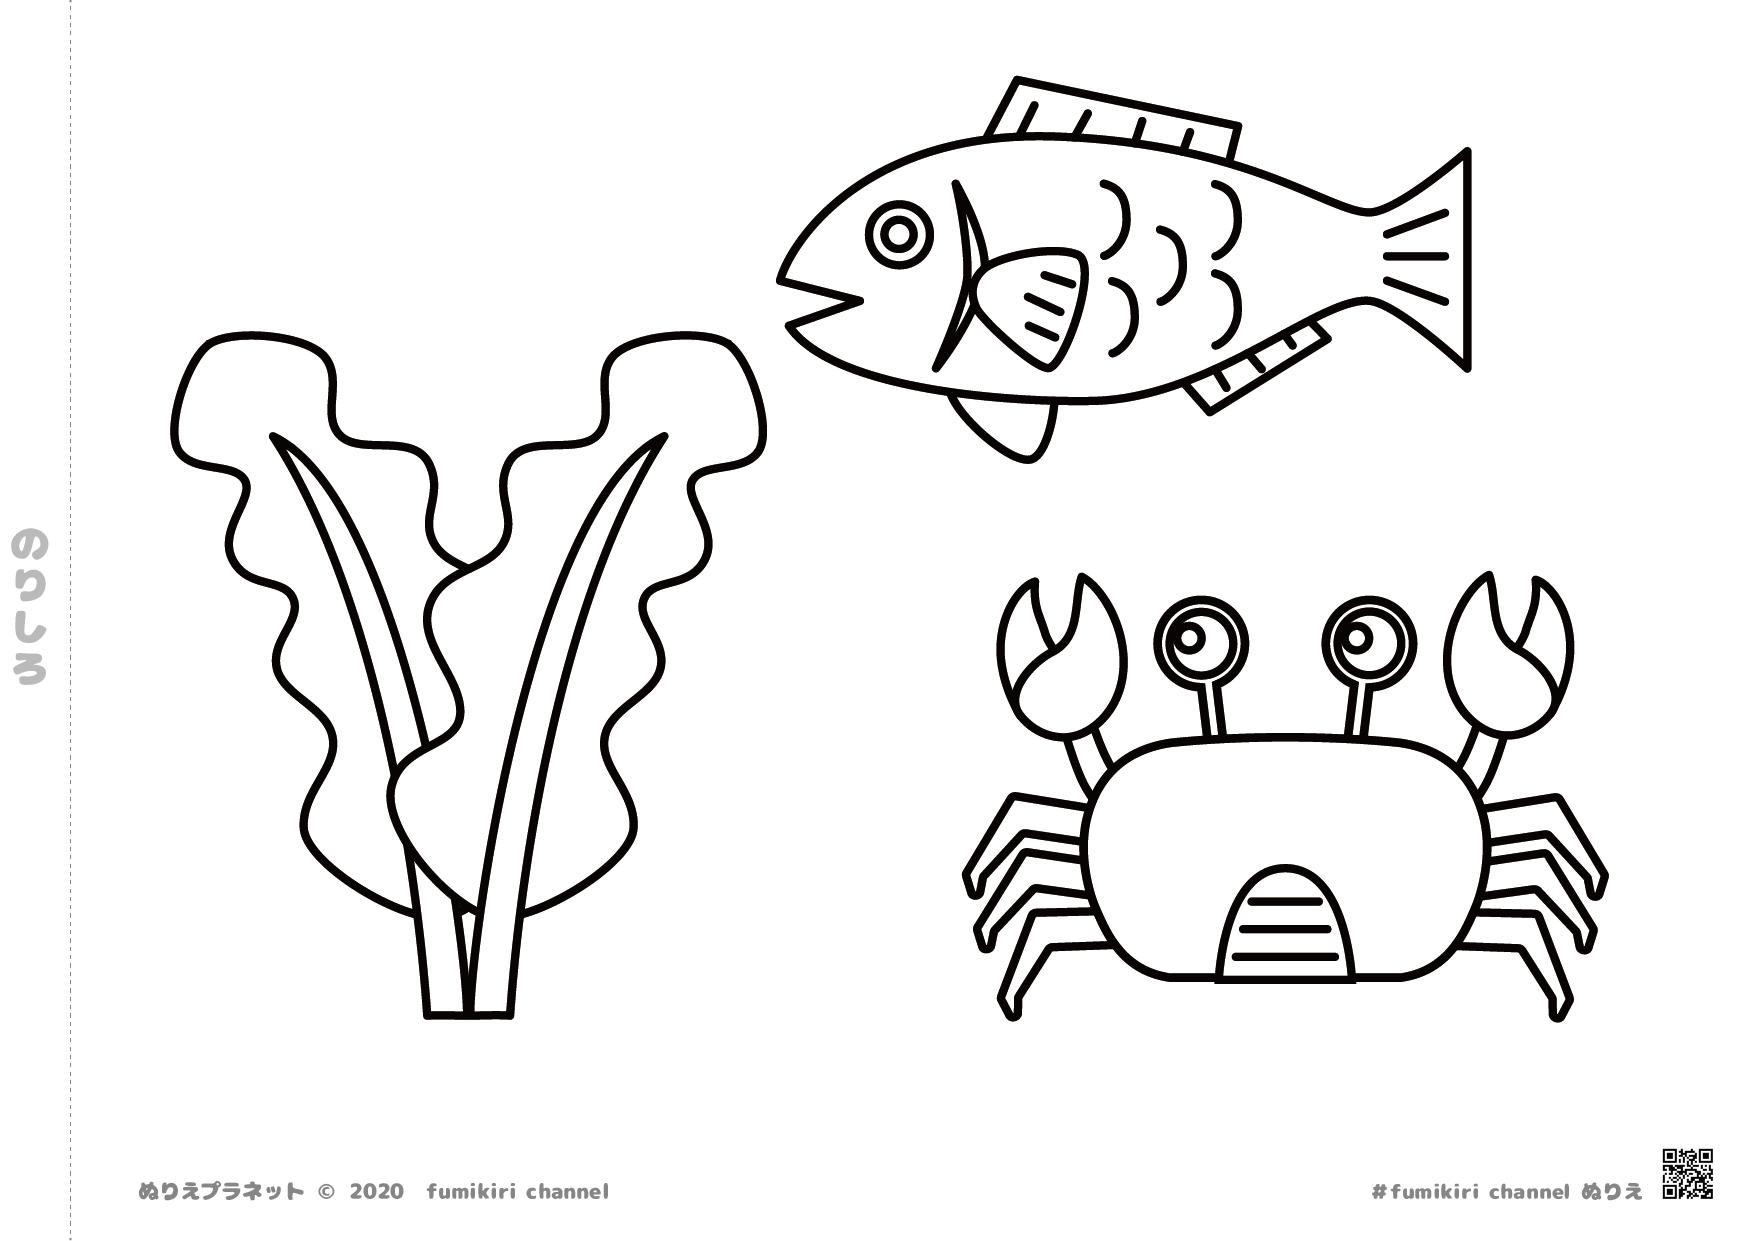 かに、さかな、海藻の海の生き物の塗り絵